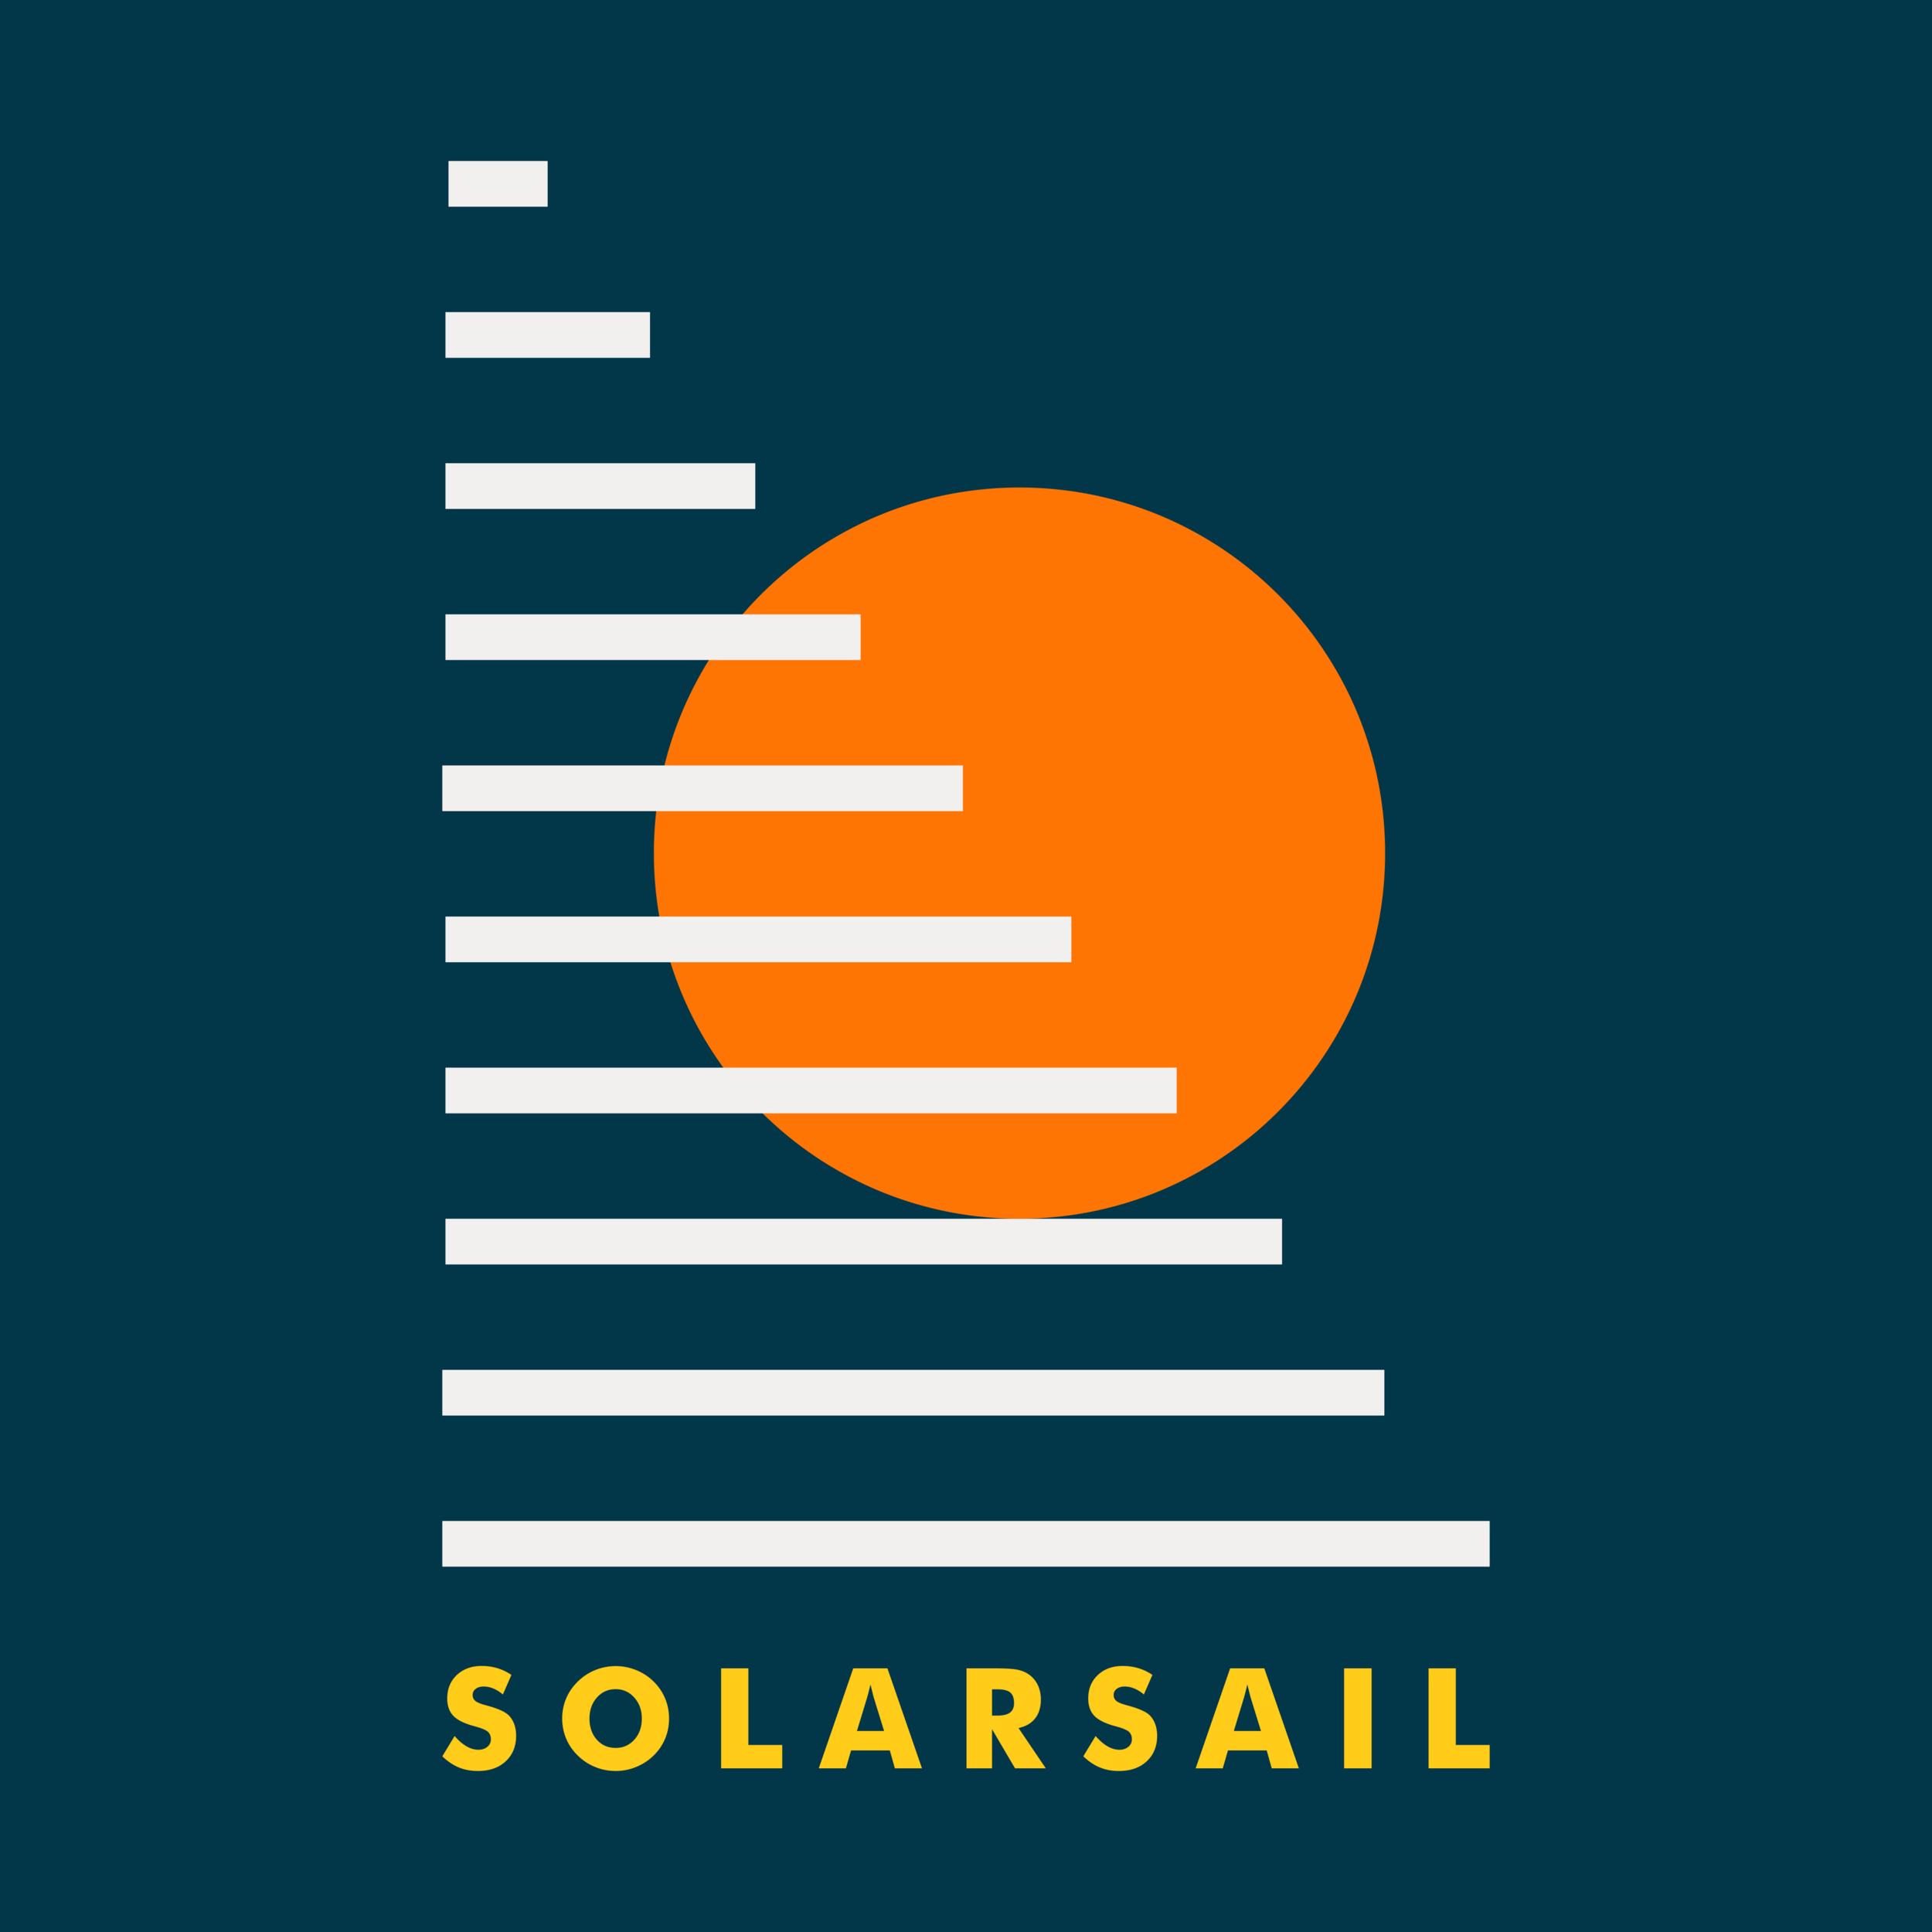 Solarsail #3